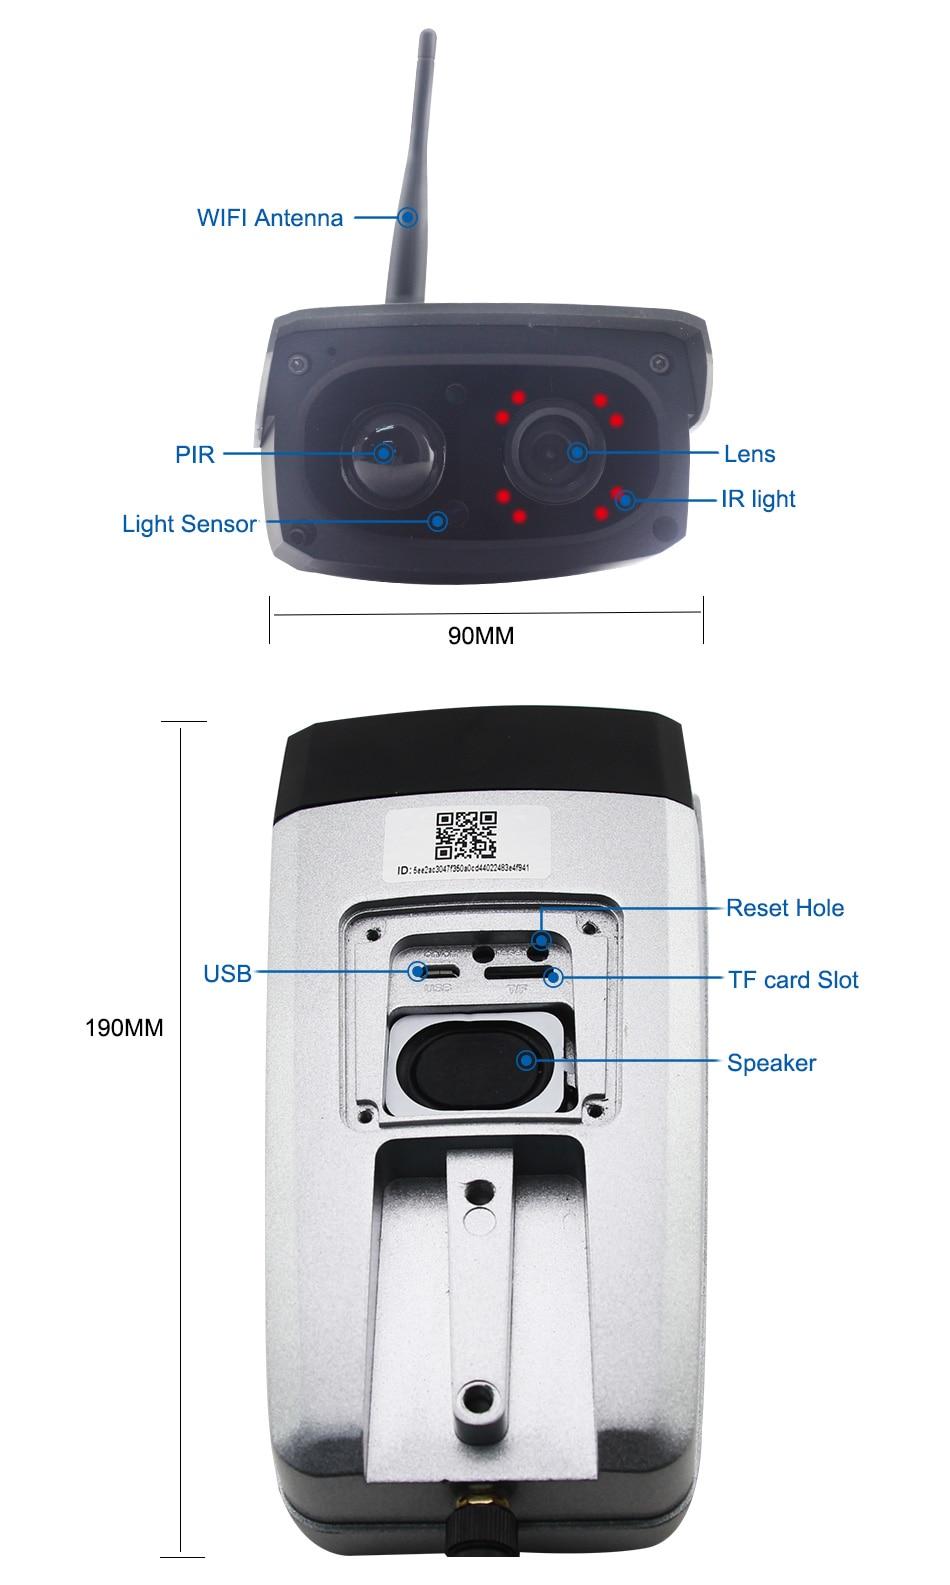 Smar გარე წყალგაუმტარი დაცვა მზის კამერა 1080P Wifi უსადენო IP კამერა მობილური ტელეფონი დისტანციური მართვის ჩამონტაჟებული 7650mA აკუმულატორი (12)